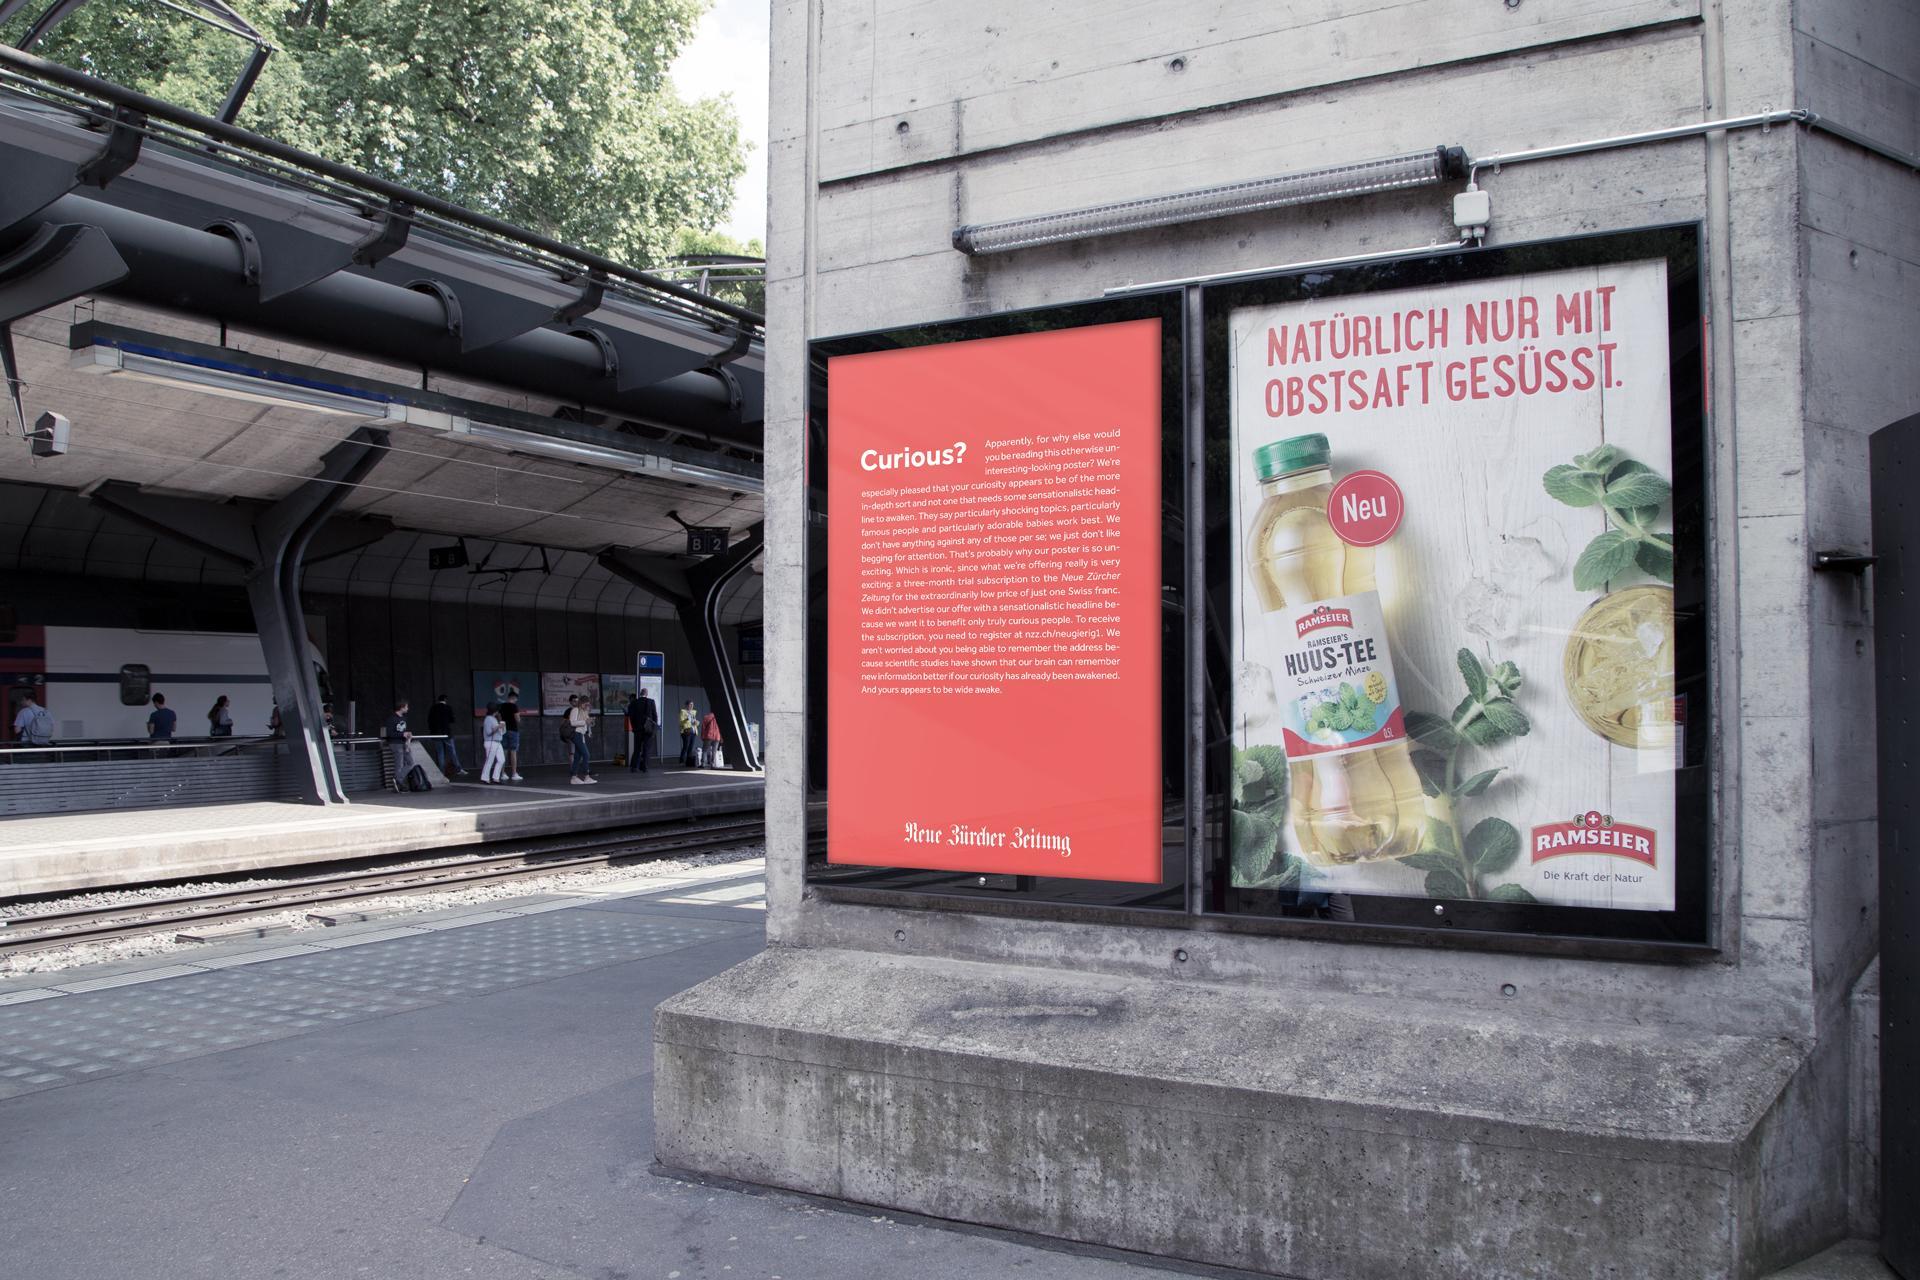 Neue Zürcher Zeitung Outdoor Ad - Curious